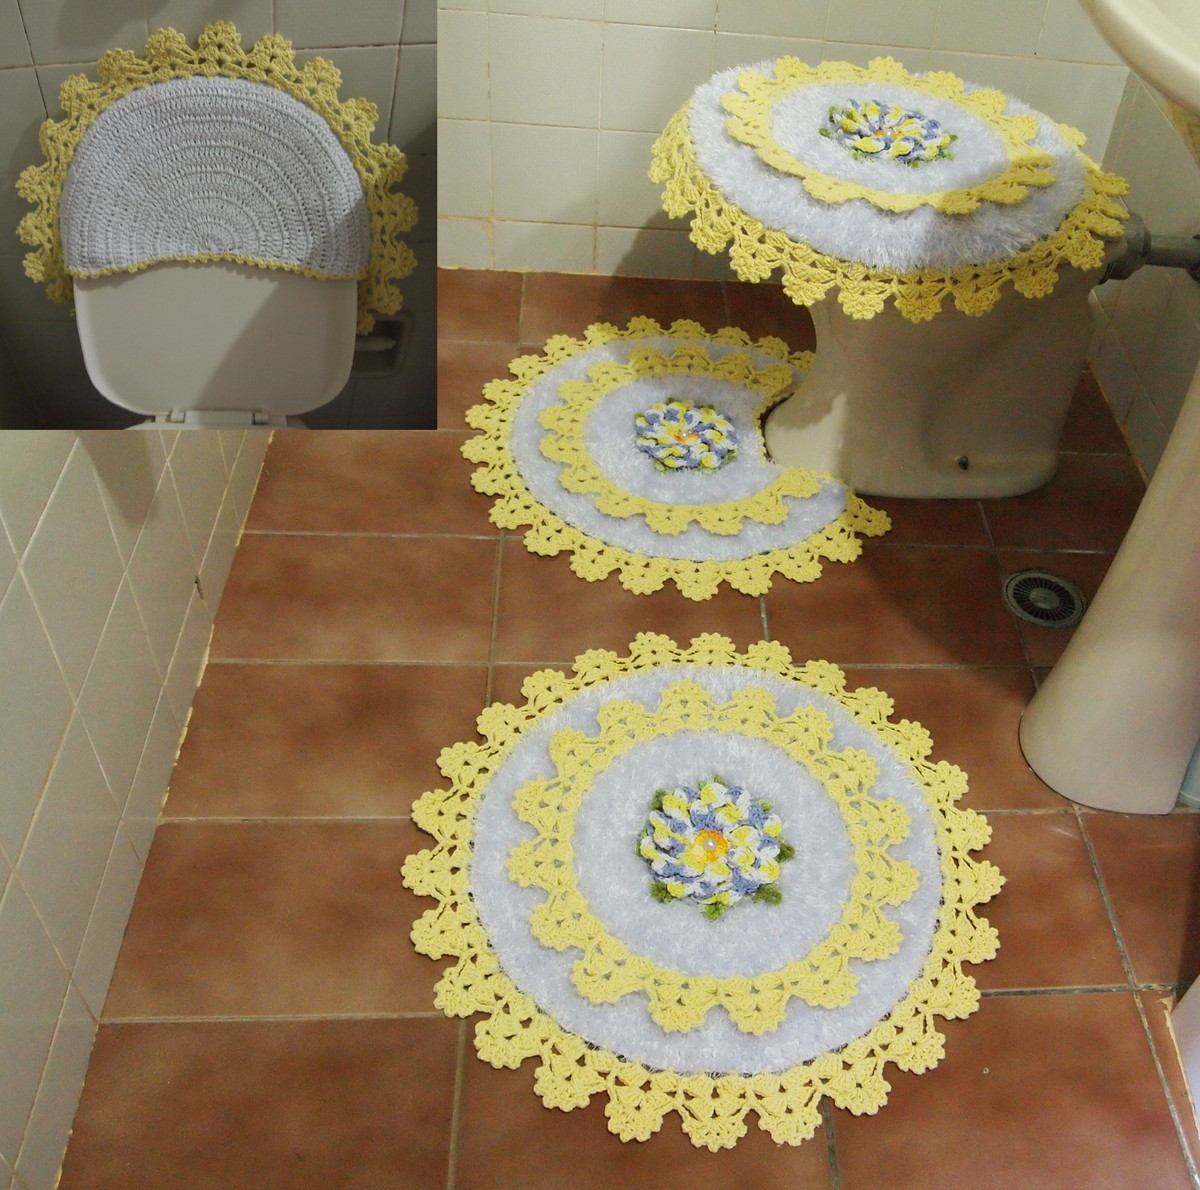 Jogo Banheiro AmareloBranco Flor Dalia  CROCHES DA ELSA  Elo7 -> Jogo De Banheiro Simples Oval Passo A Passo